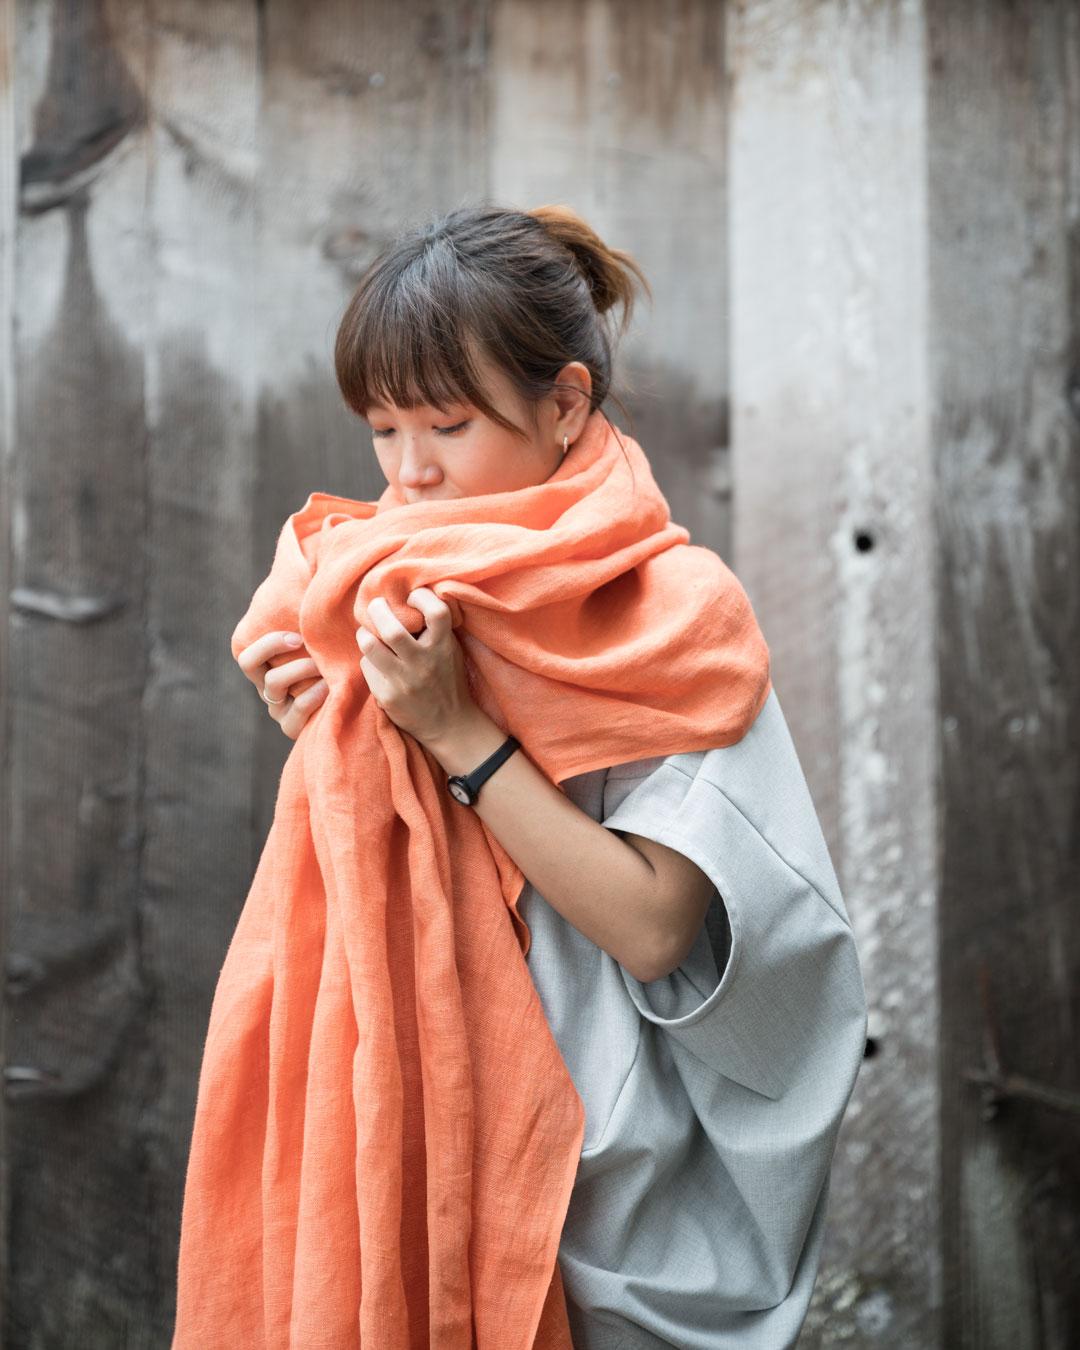 茜染めショール。1重織りなので薄くて軽く、豪快なボリュームも、巻くと綺麗にまとまります。